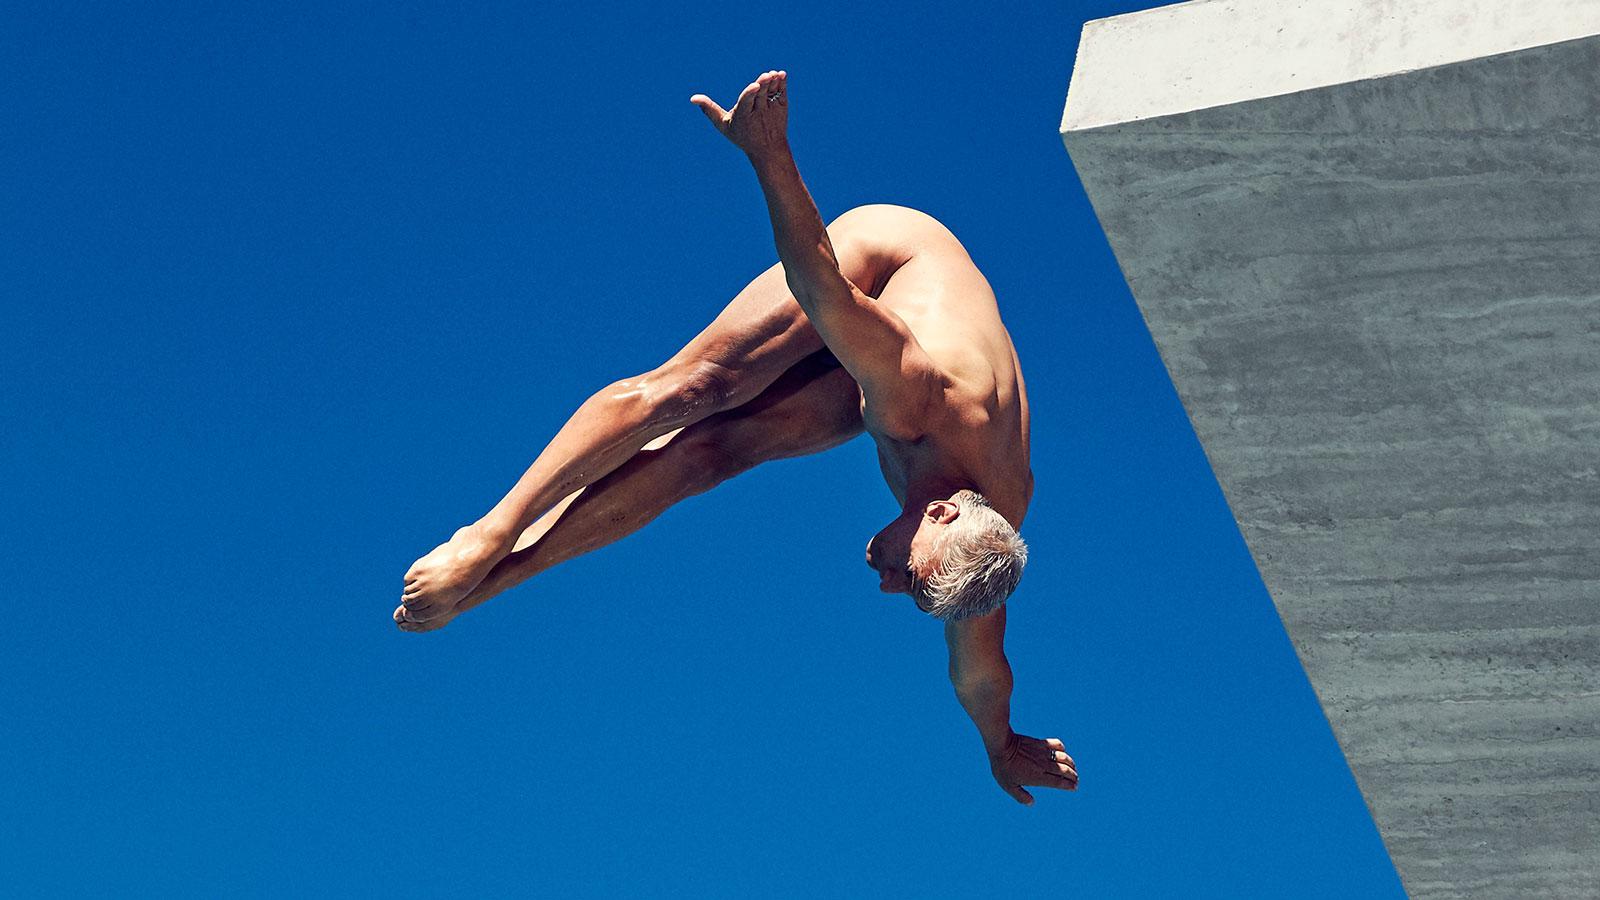 Greg Louganis. В ежегодной фотосессии Body Issue для журнала ESPN приняли участие 20 известных спортсменов